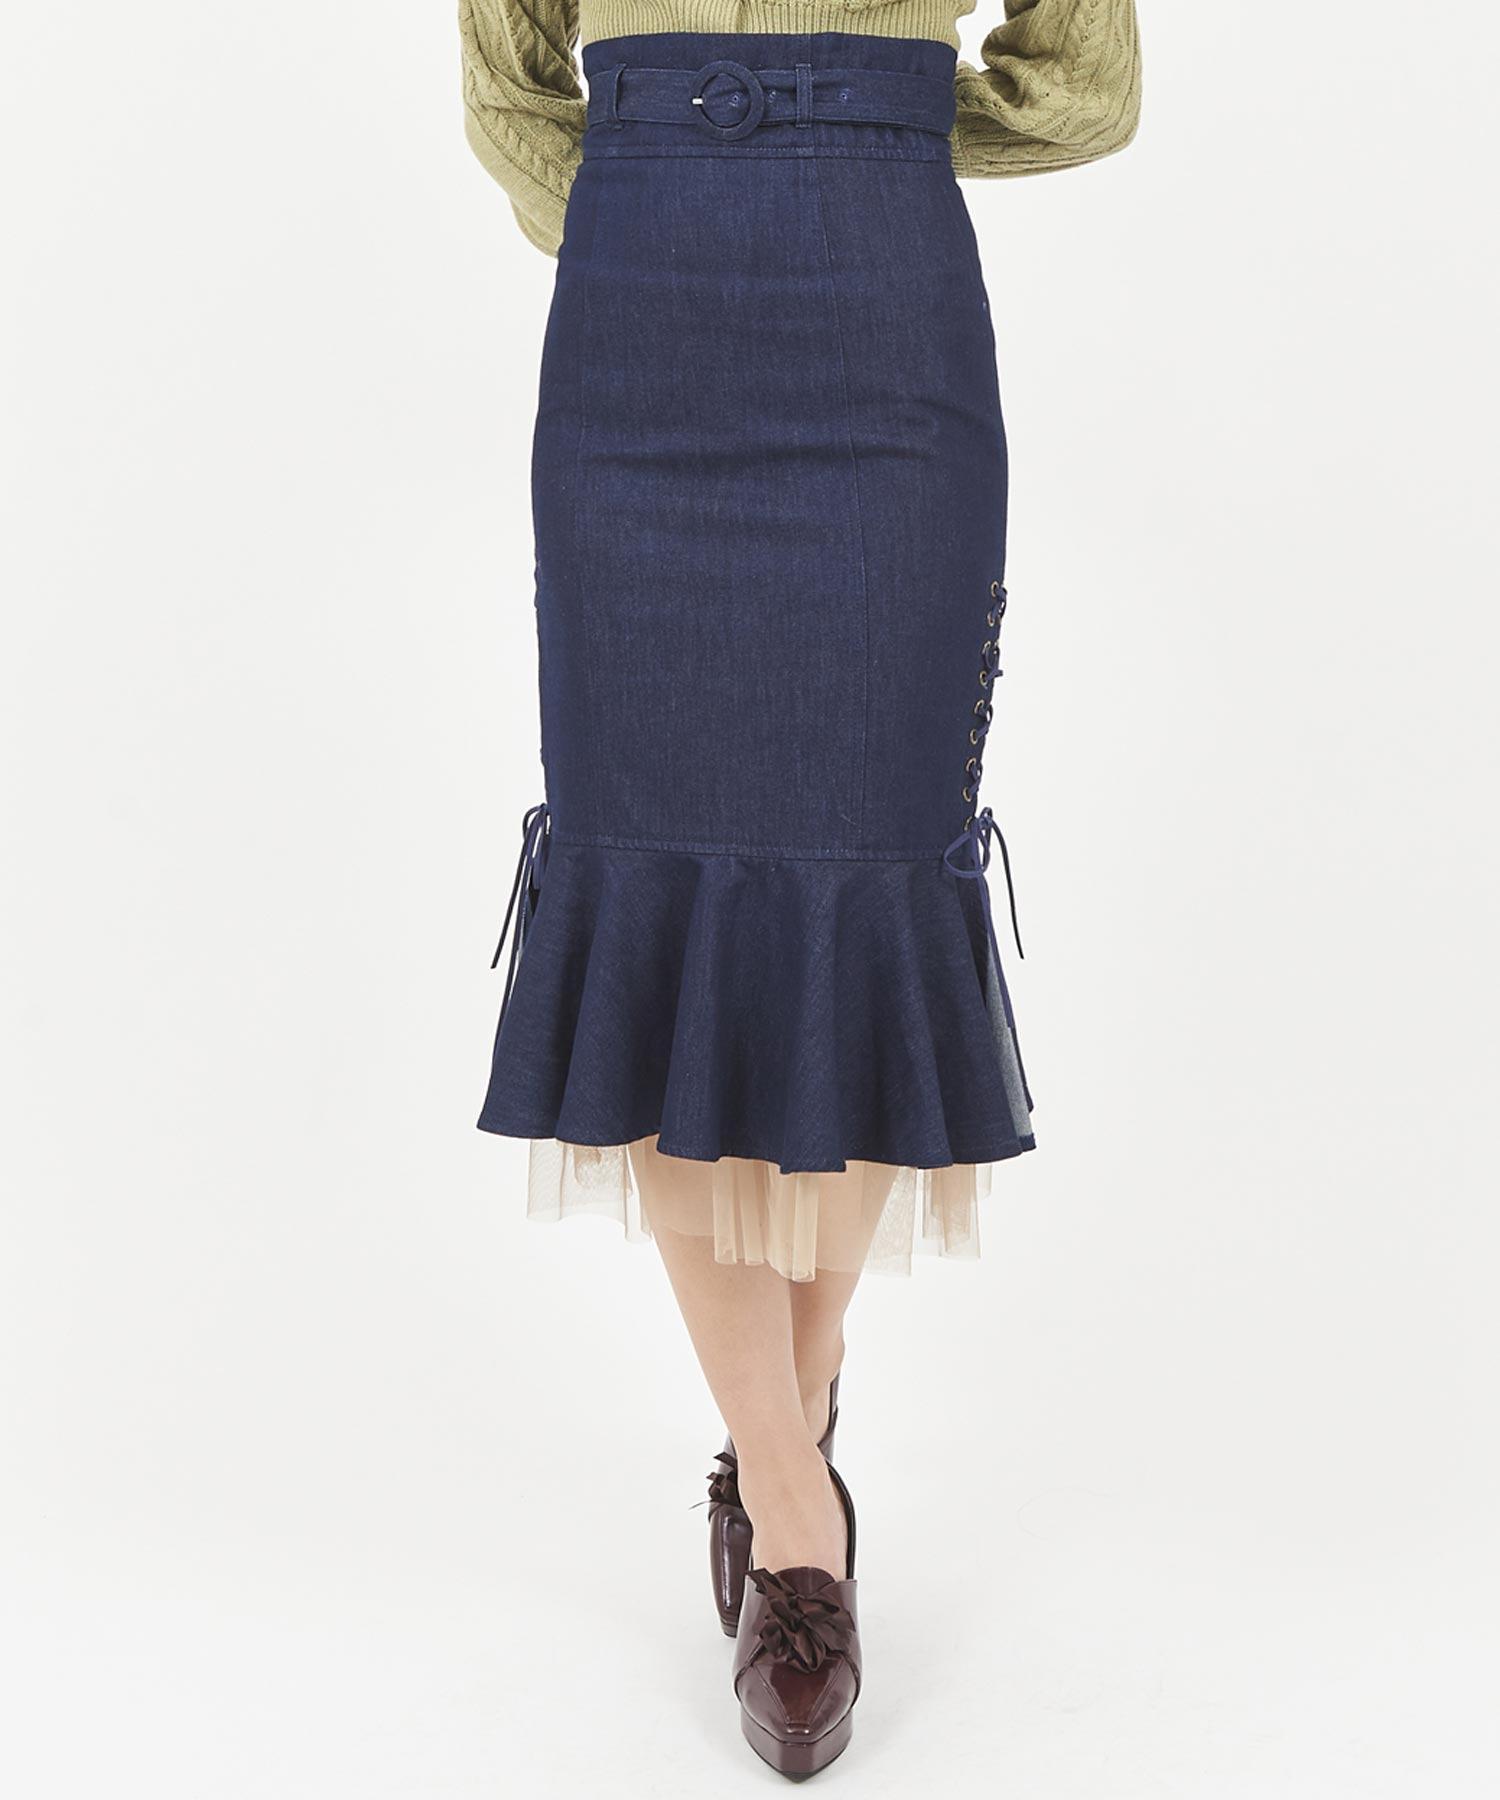 サイドスピンドルマーメイドスカート/マーメイドスカート